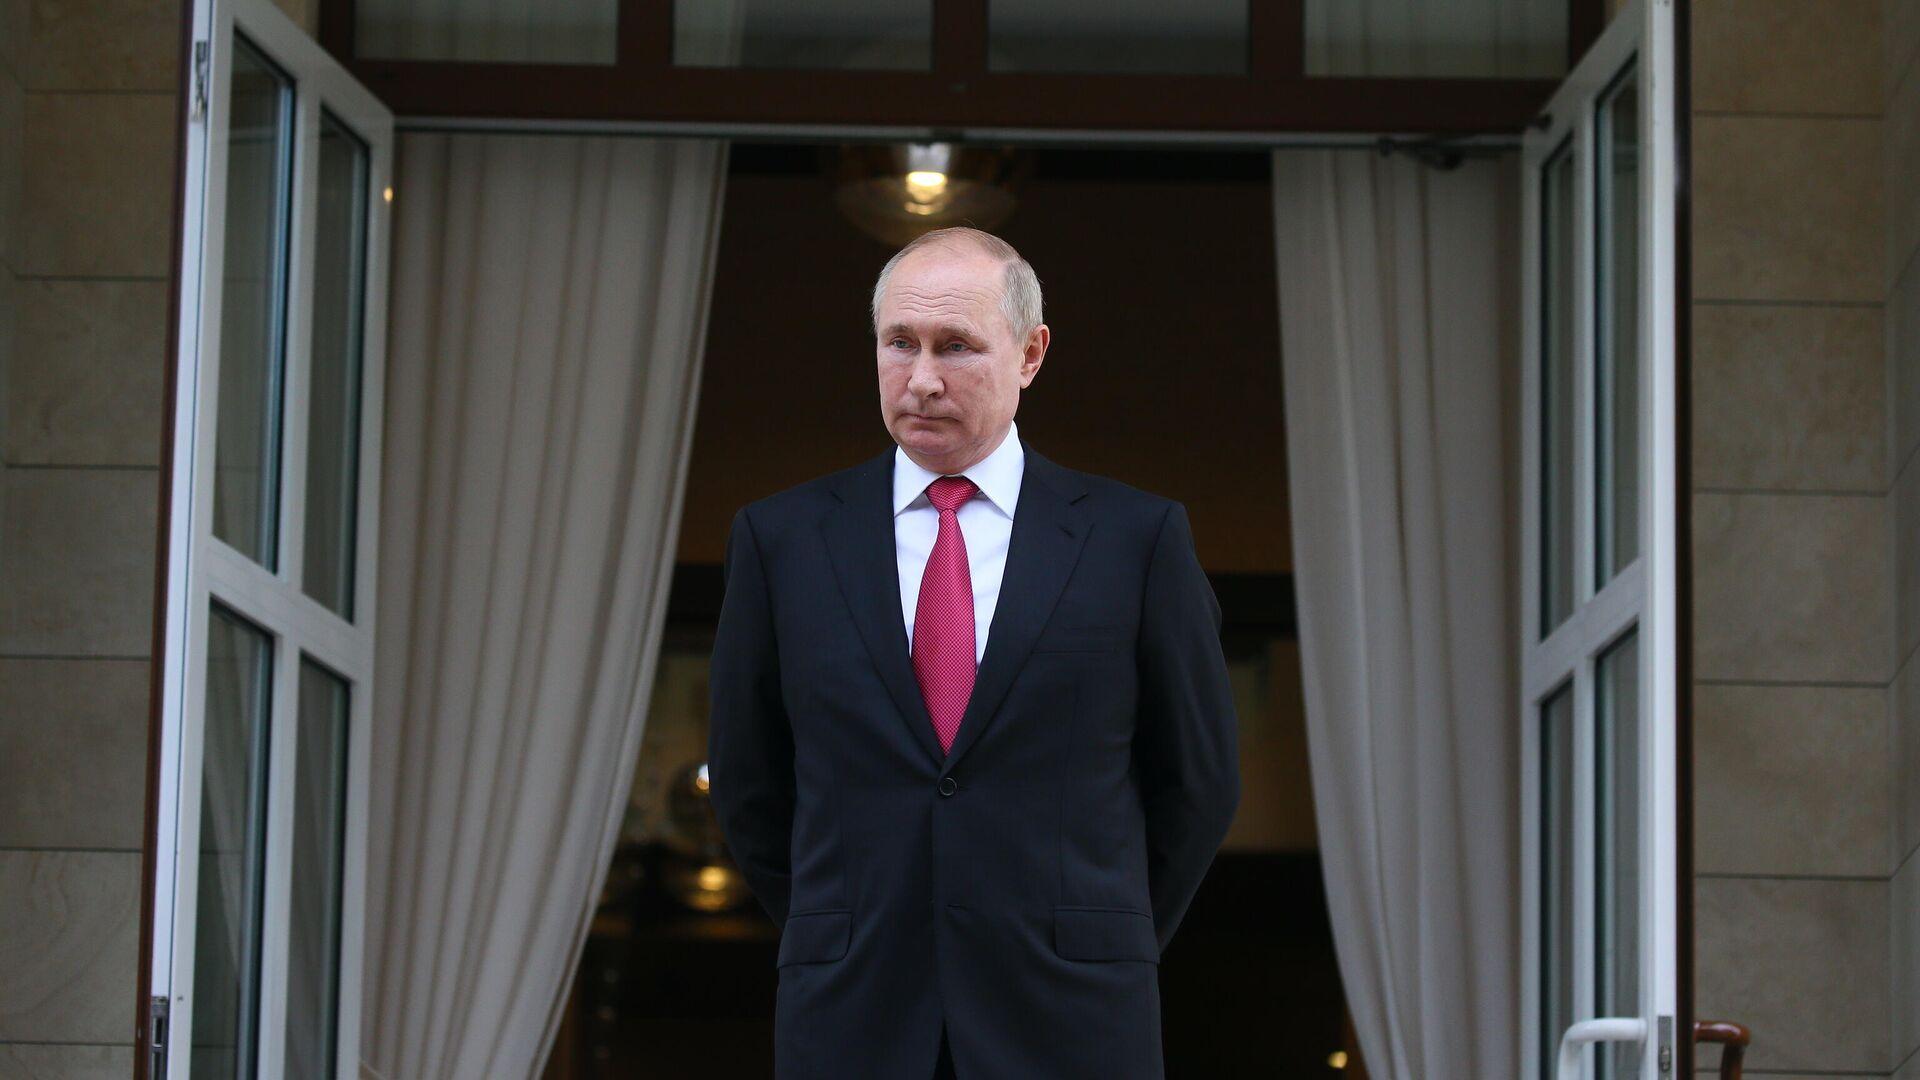 Президент РФ Владимир Путин по окончании встречи с президентом Турции Реджепом Тайипом Эрдоганом в Сочи - РИА Новости, 1920, 01.10.2021